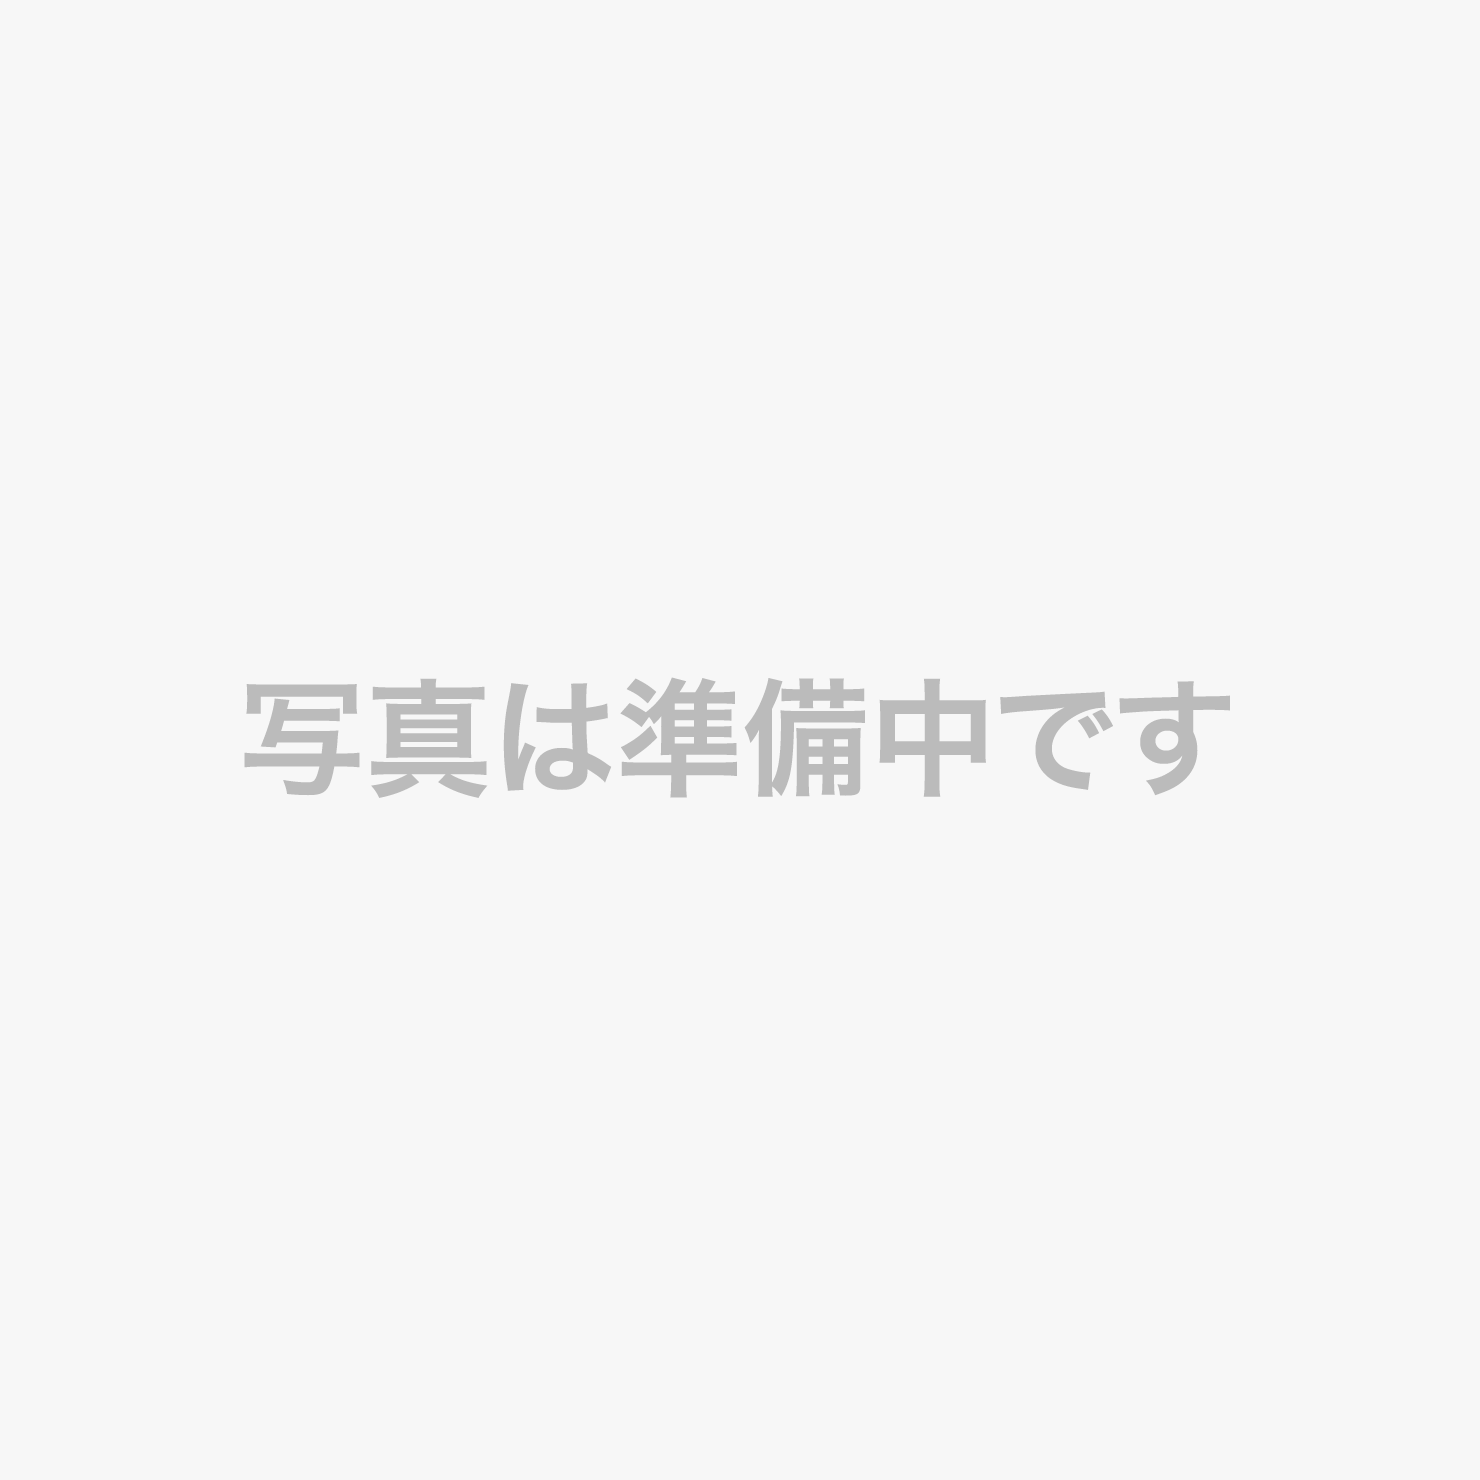 花御殿ヒストリックジュニアスイート(イメージ)